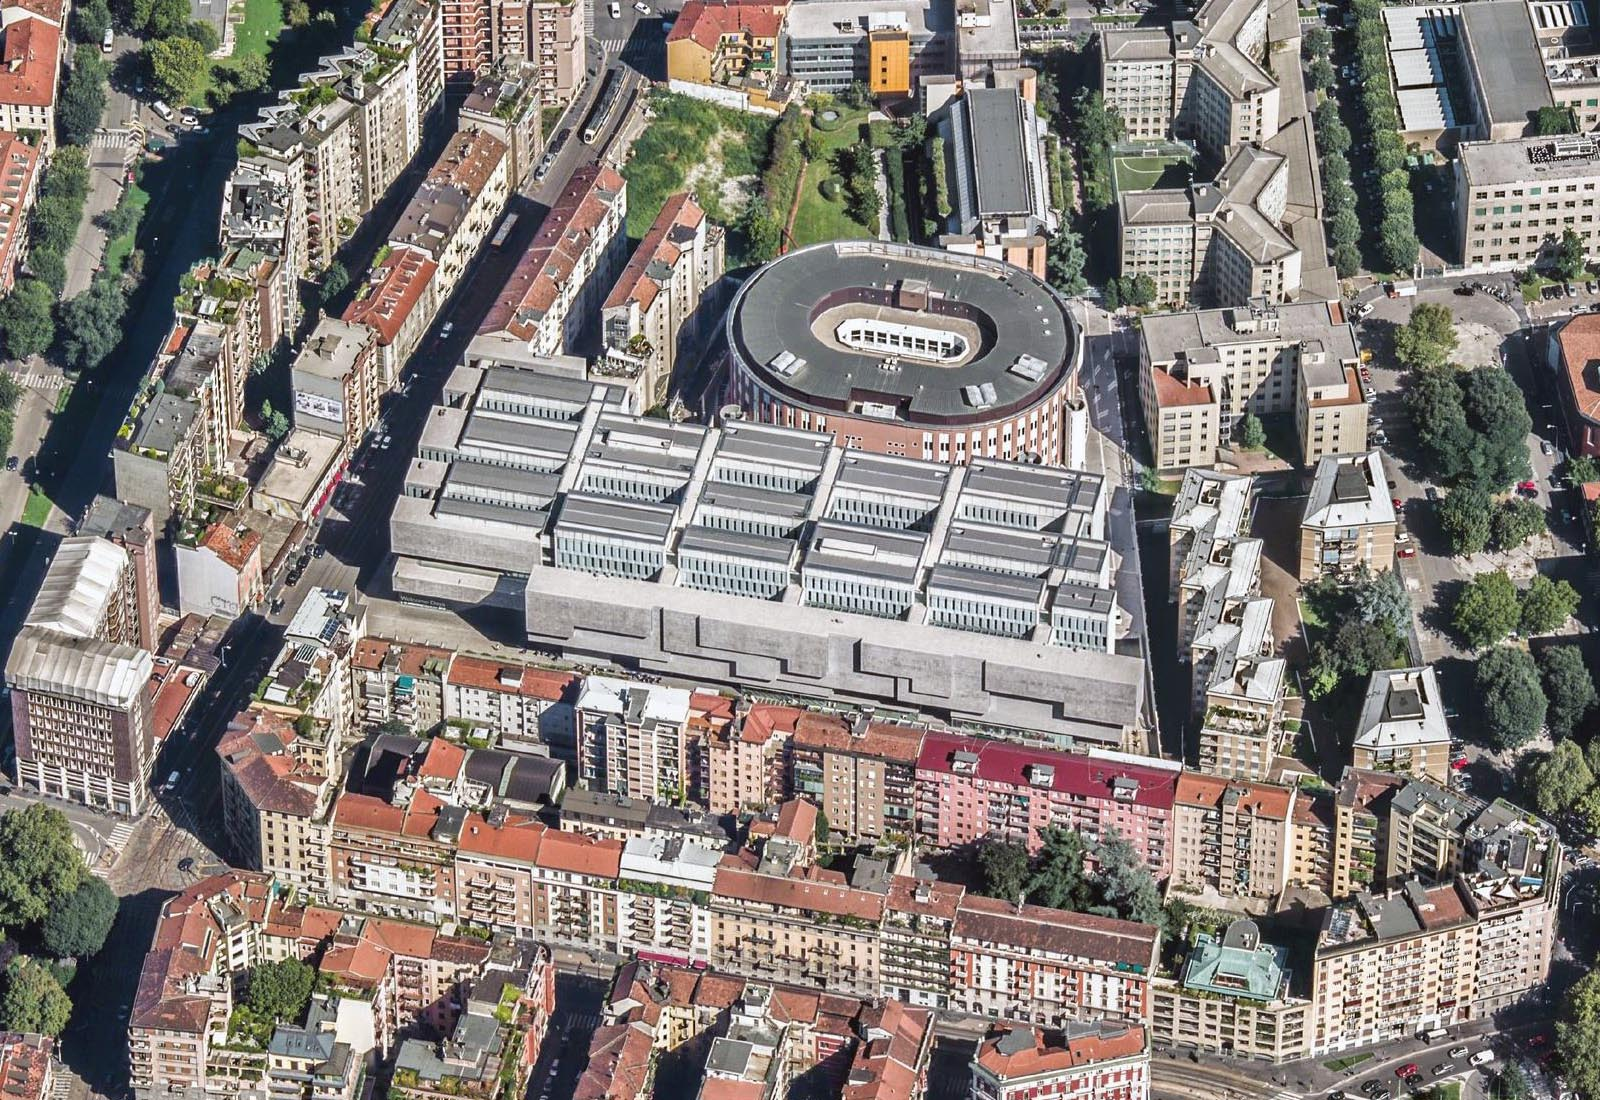 Ampliamento Università Commerciale L. Bocconi a Milano - Vista aerea